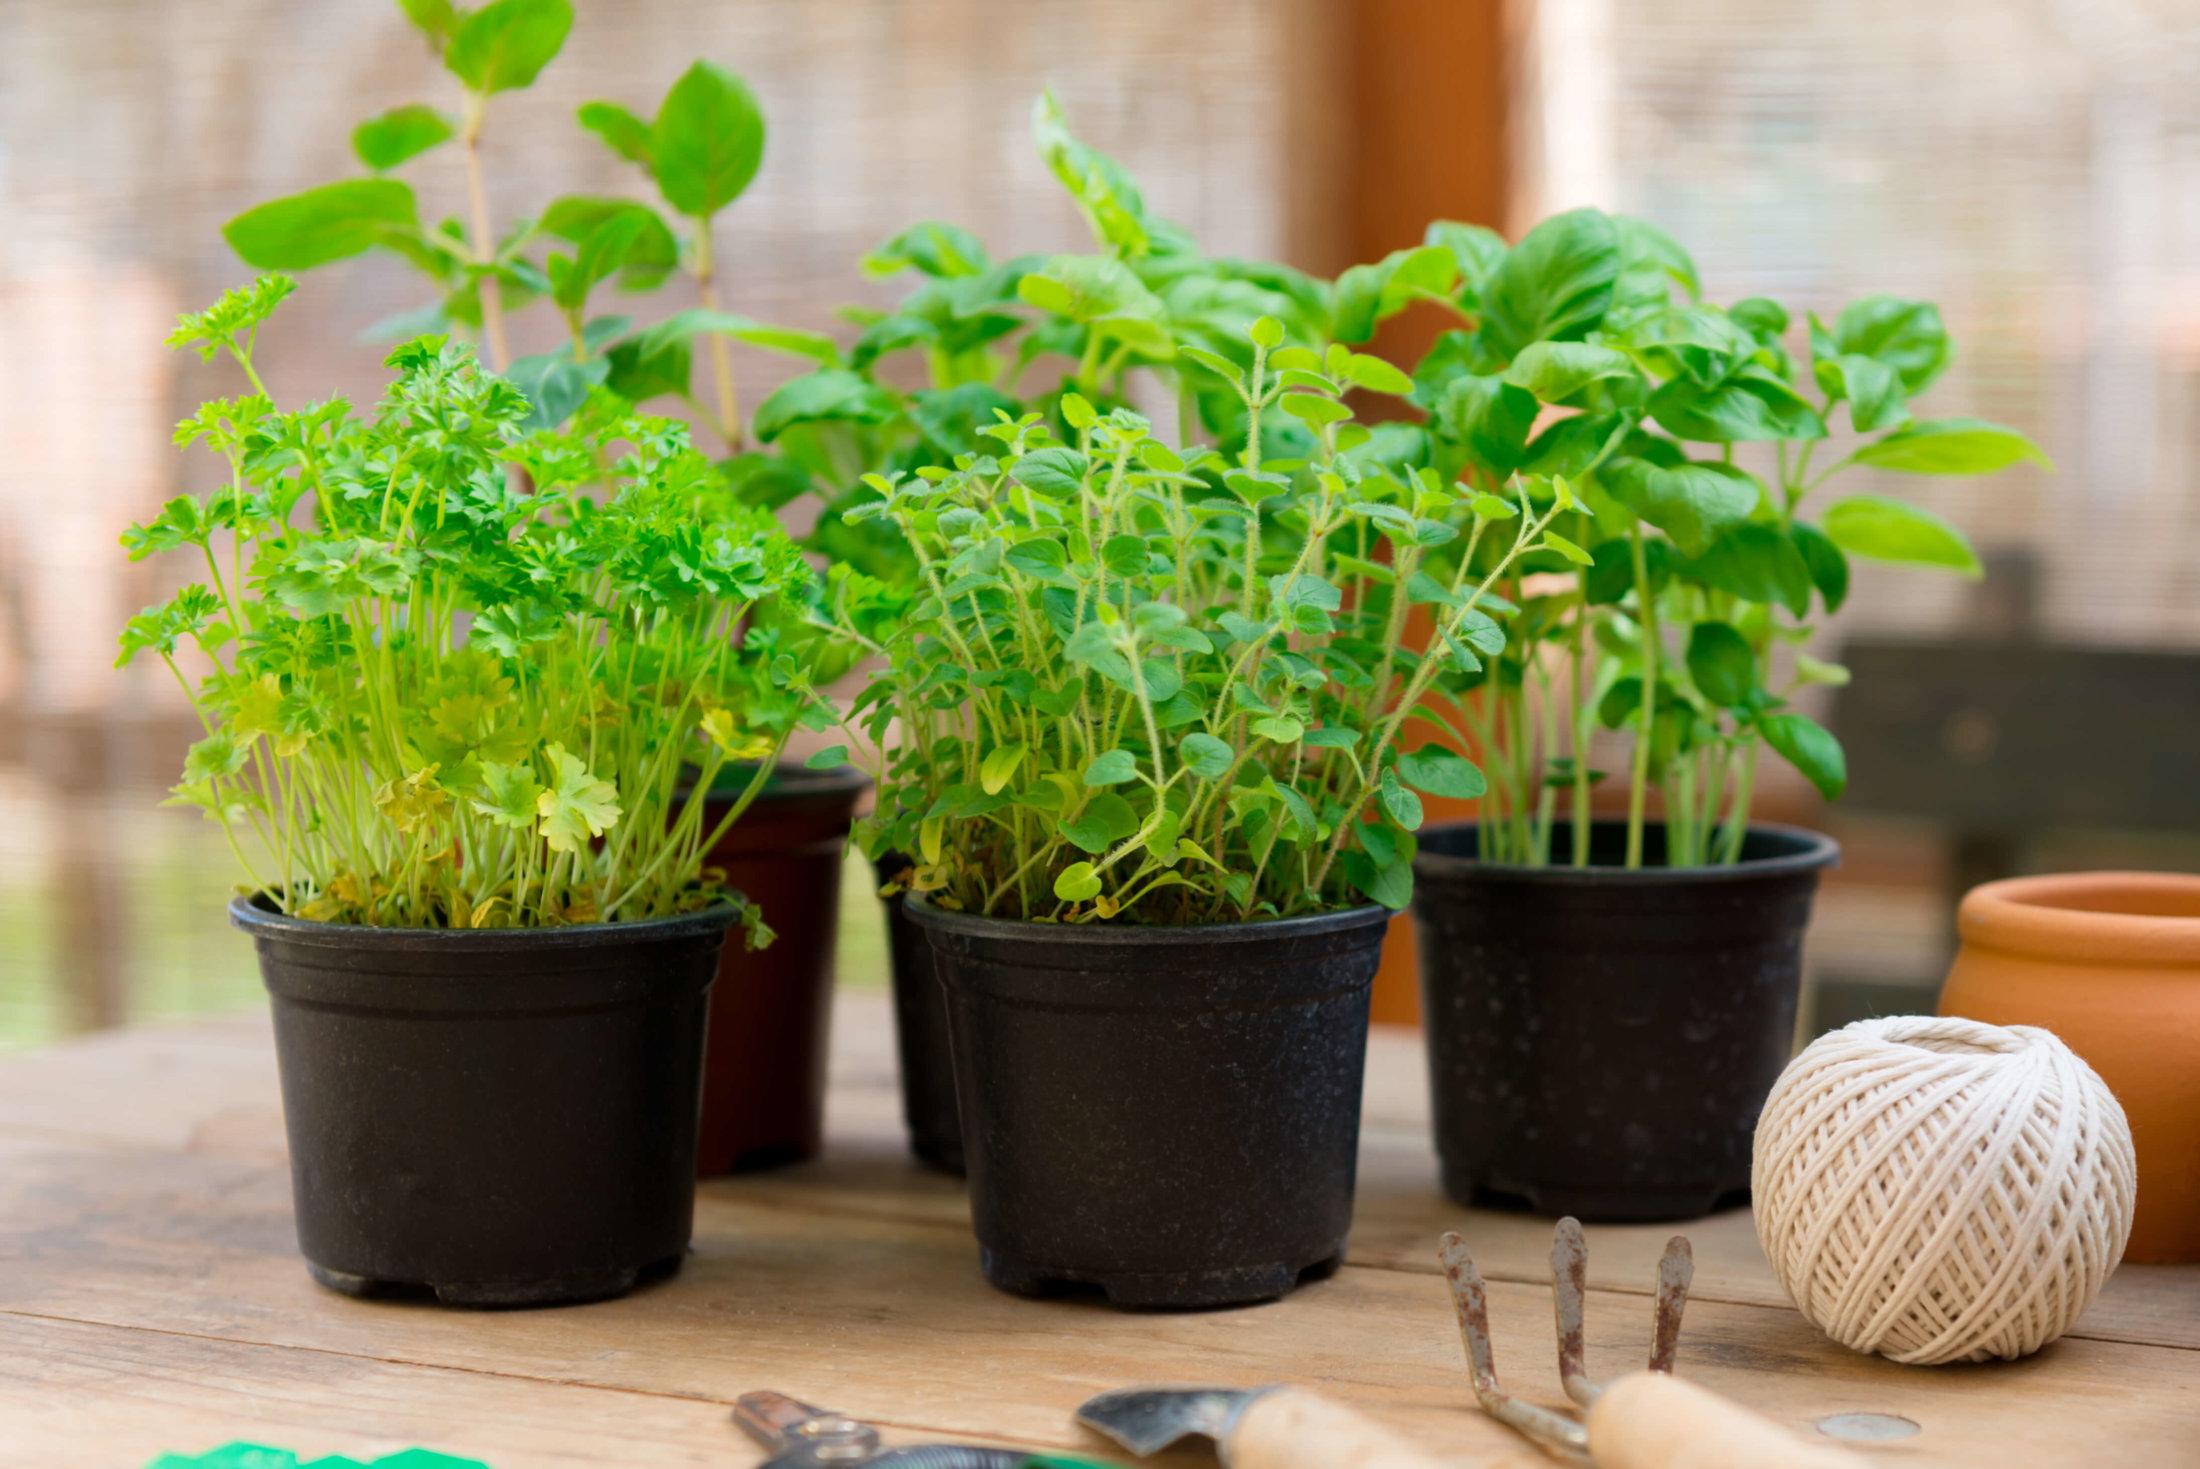 Guia cultivar plantas arom ticas em casa - Plantas aromaticas interior ...